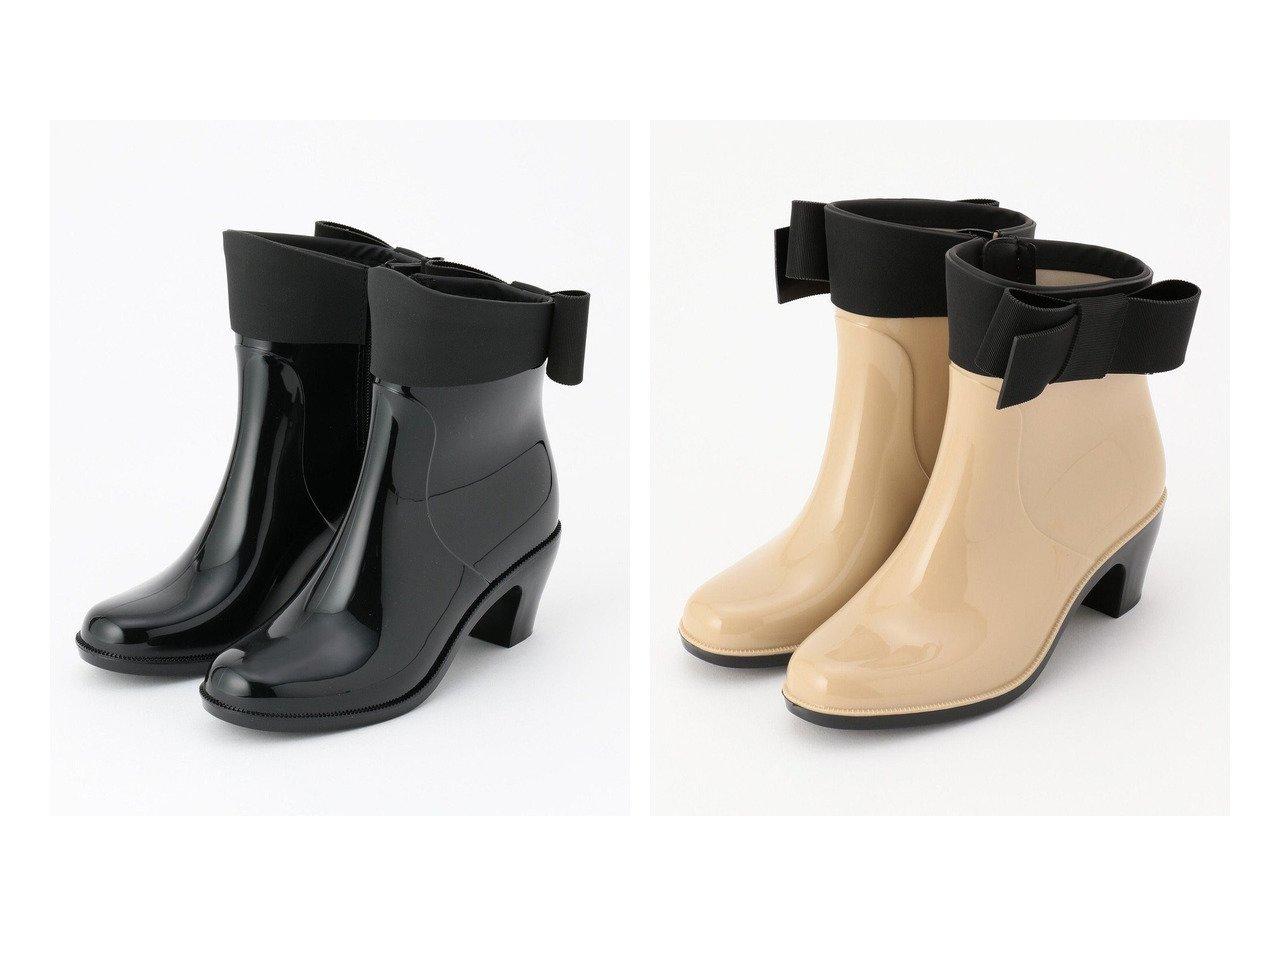 【TOCCA/トッカ】のRAIN BOOTS レインシューズ&RAIN BOOTS レインブーツ 【シューズ・靴】おすすめ!人気トレンド・レディースファッション通販 おすすめで人気の流行・トレンド、ファッションの通販商品 インテリア・家具・メンズファッション・キッズファッション・レディースファッション・服の通販 founy(ファニー) https://founy.com/ ファッション Fashion レディースファッション WOMEN 送料無料 Free Shipping A/W・秋冬 AW・Autumn/Winter・FW・Fall-Winter 冬 Winter グログラン シューズ ショート シンプル ストーン フロント リボン  ID:crp329100000046890